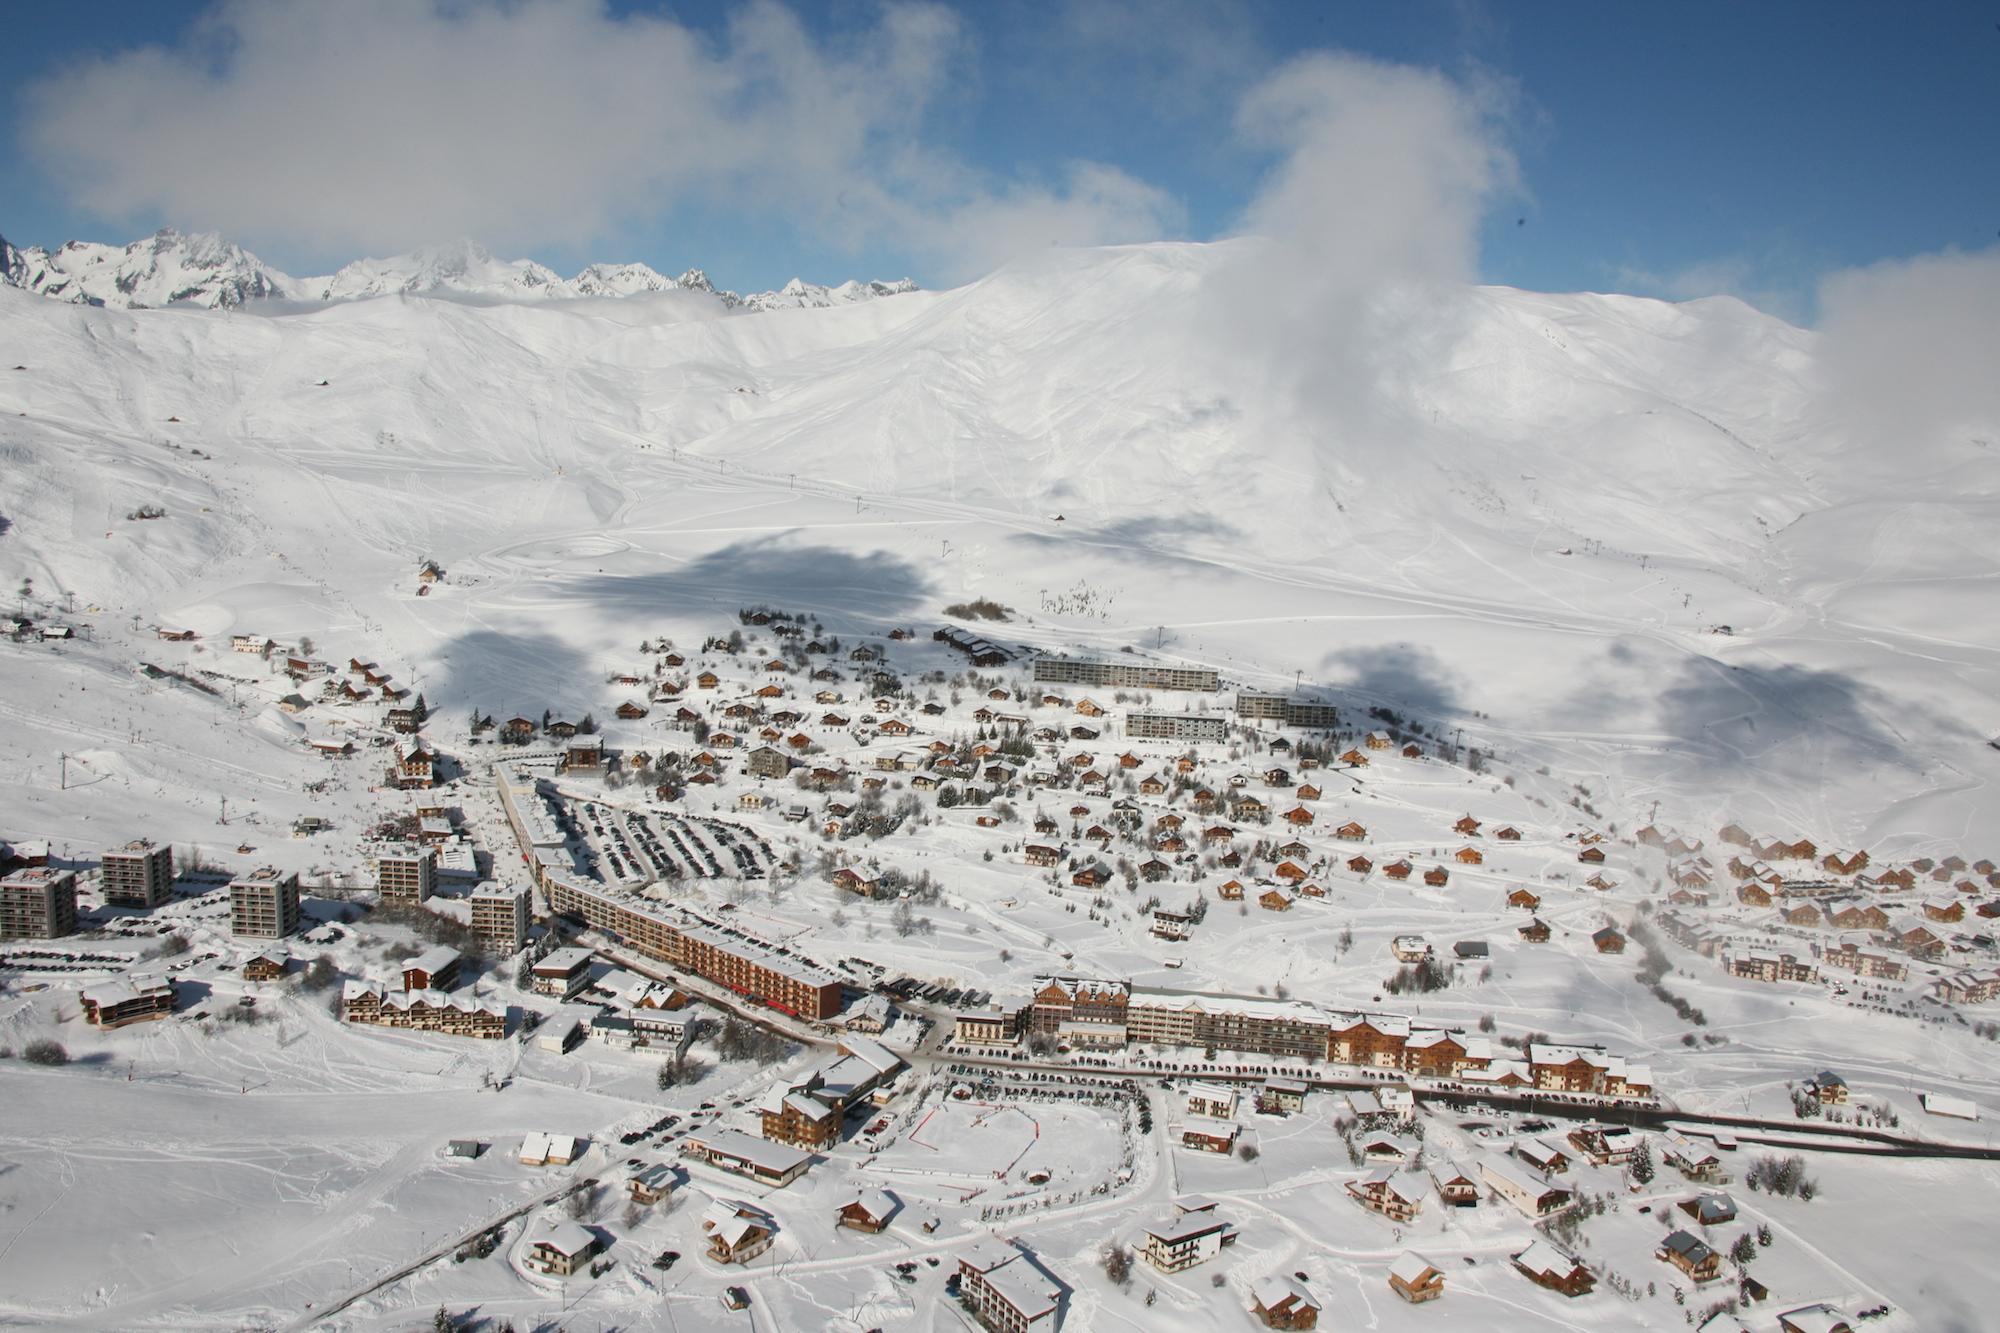 Station de ski La Toussuire -Crédit photo : OT La Toussuire & Clic-clac photo